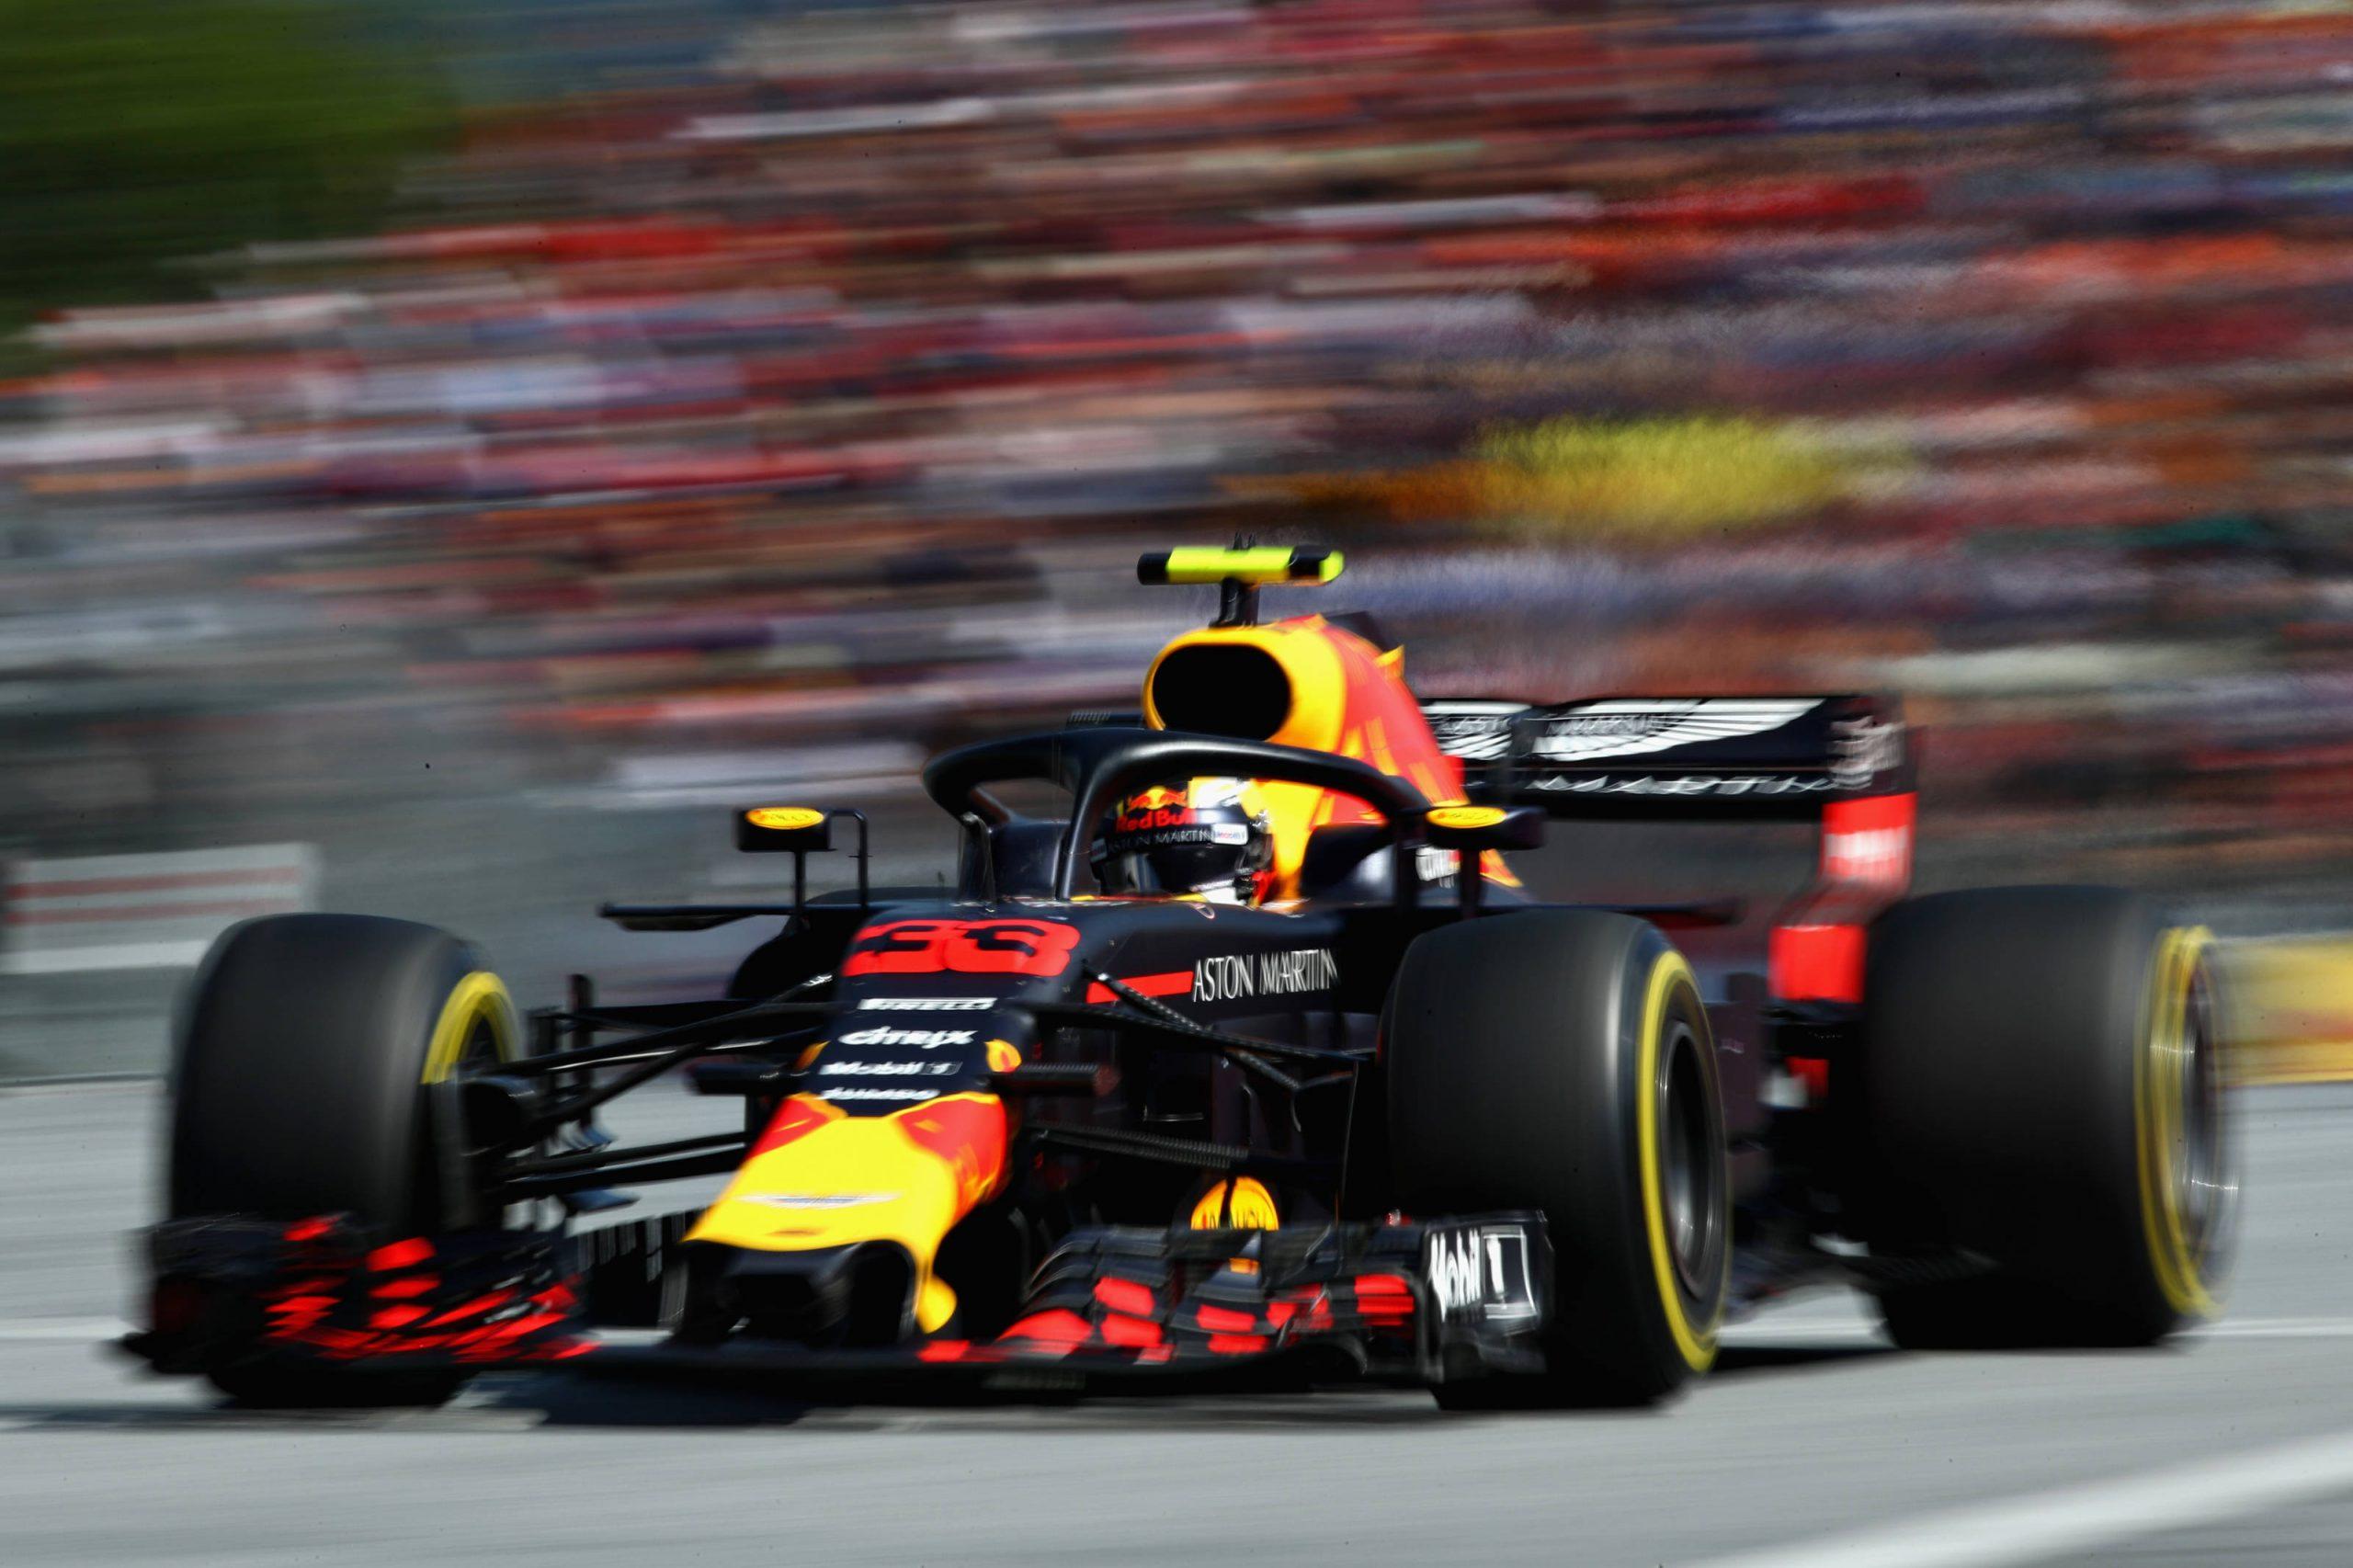 La F1 rediffuse le Grand Prix d'Autriche 2019 ce samedi 1